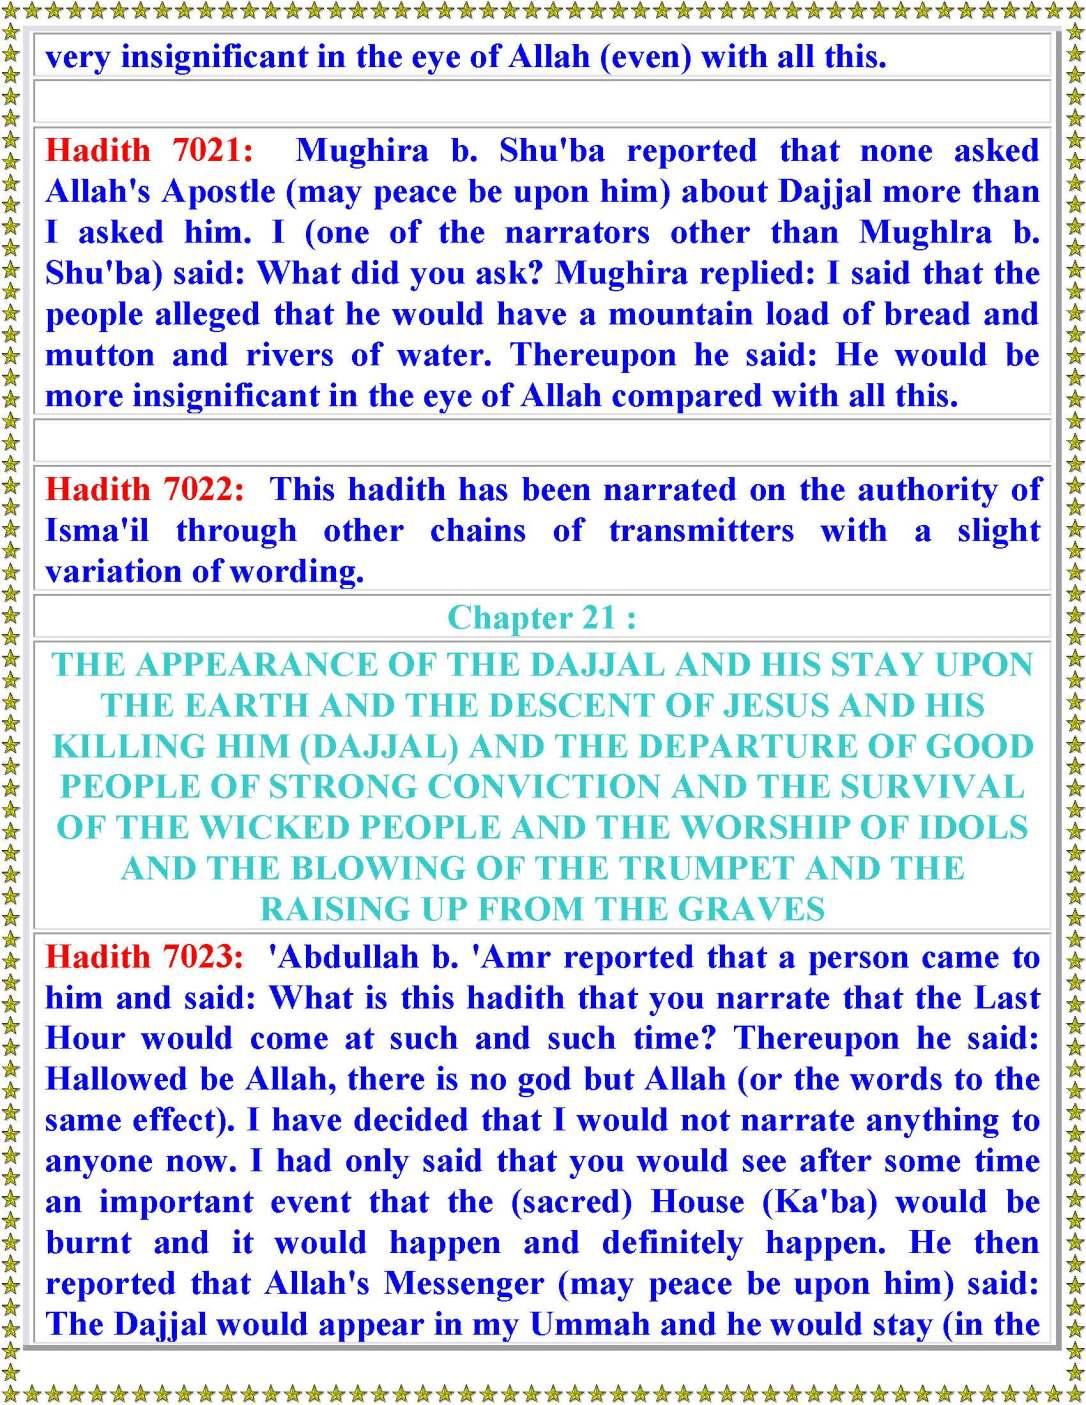 Book41_Kitab_Al_Fitn_Page_45